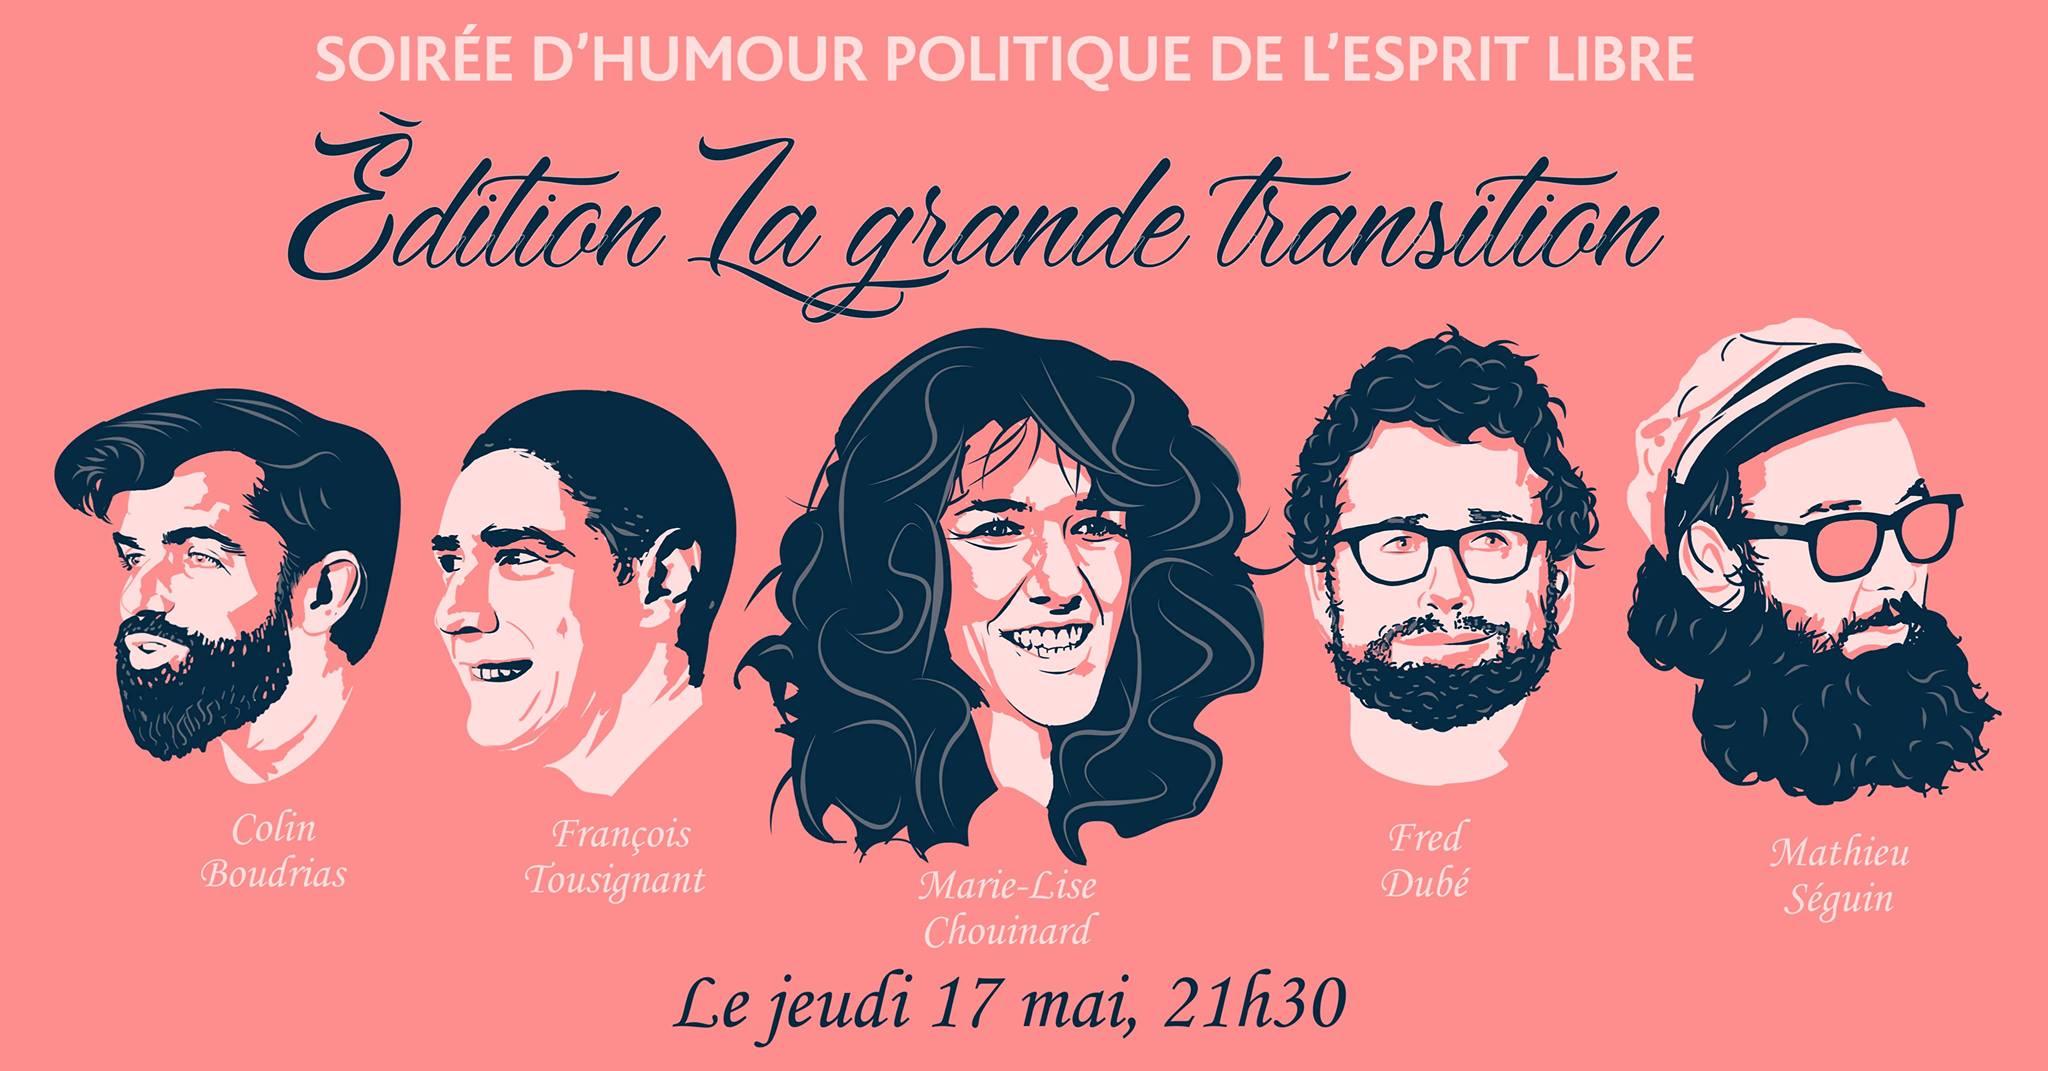 rencontre rapide gay comedian a Saint-Denis